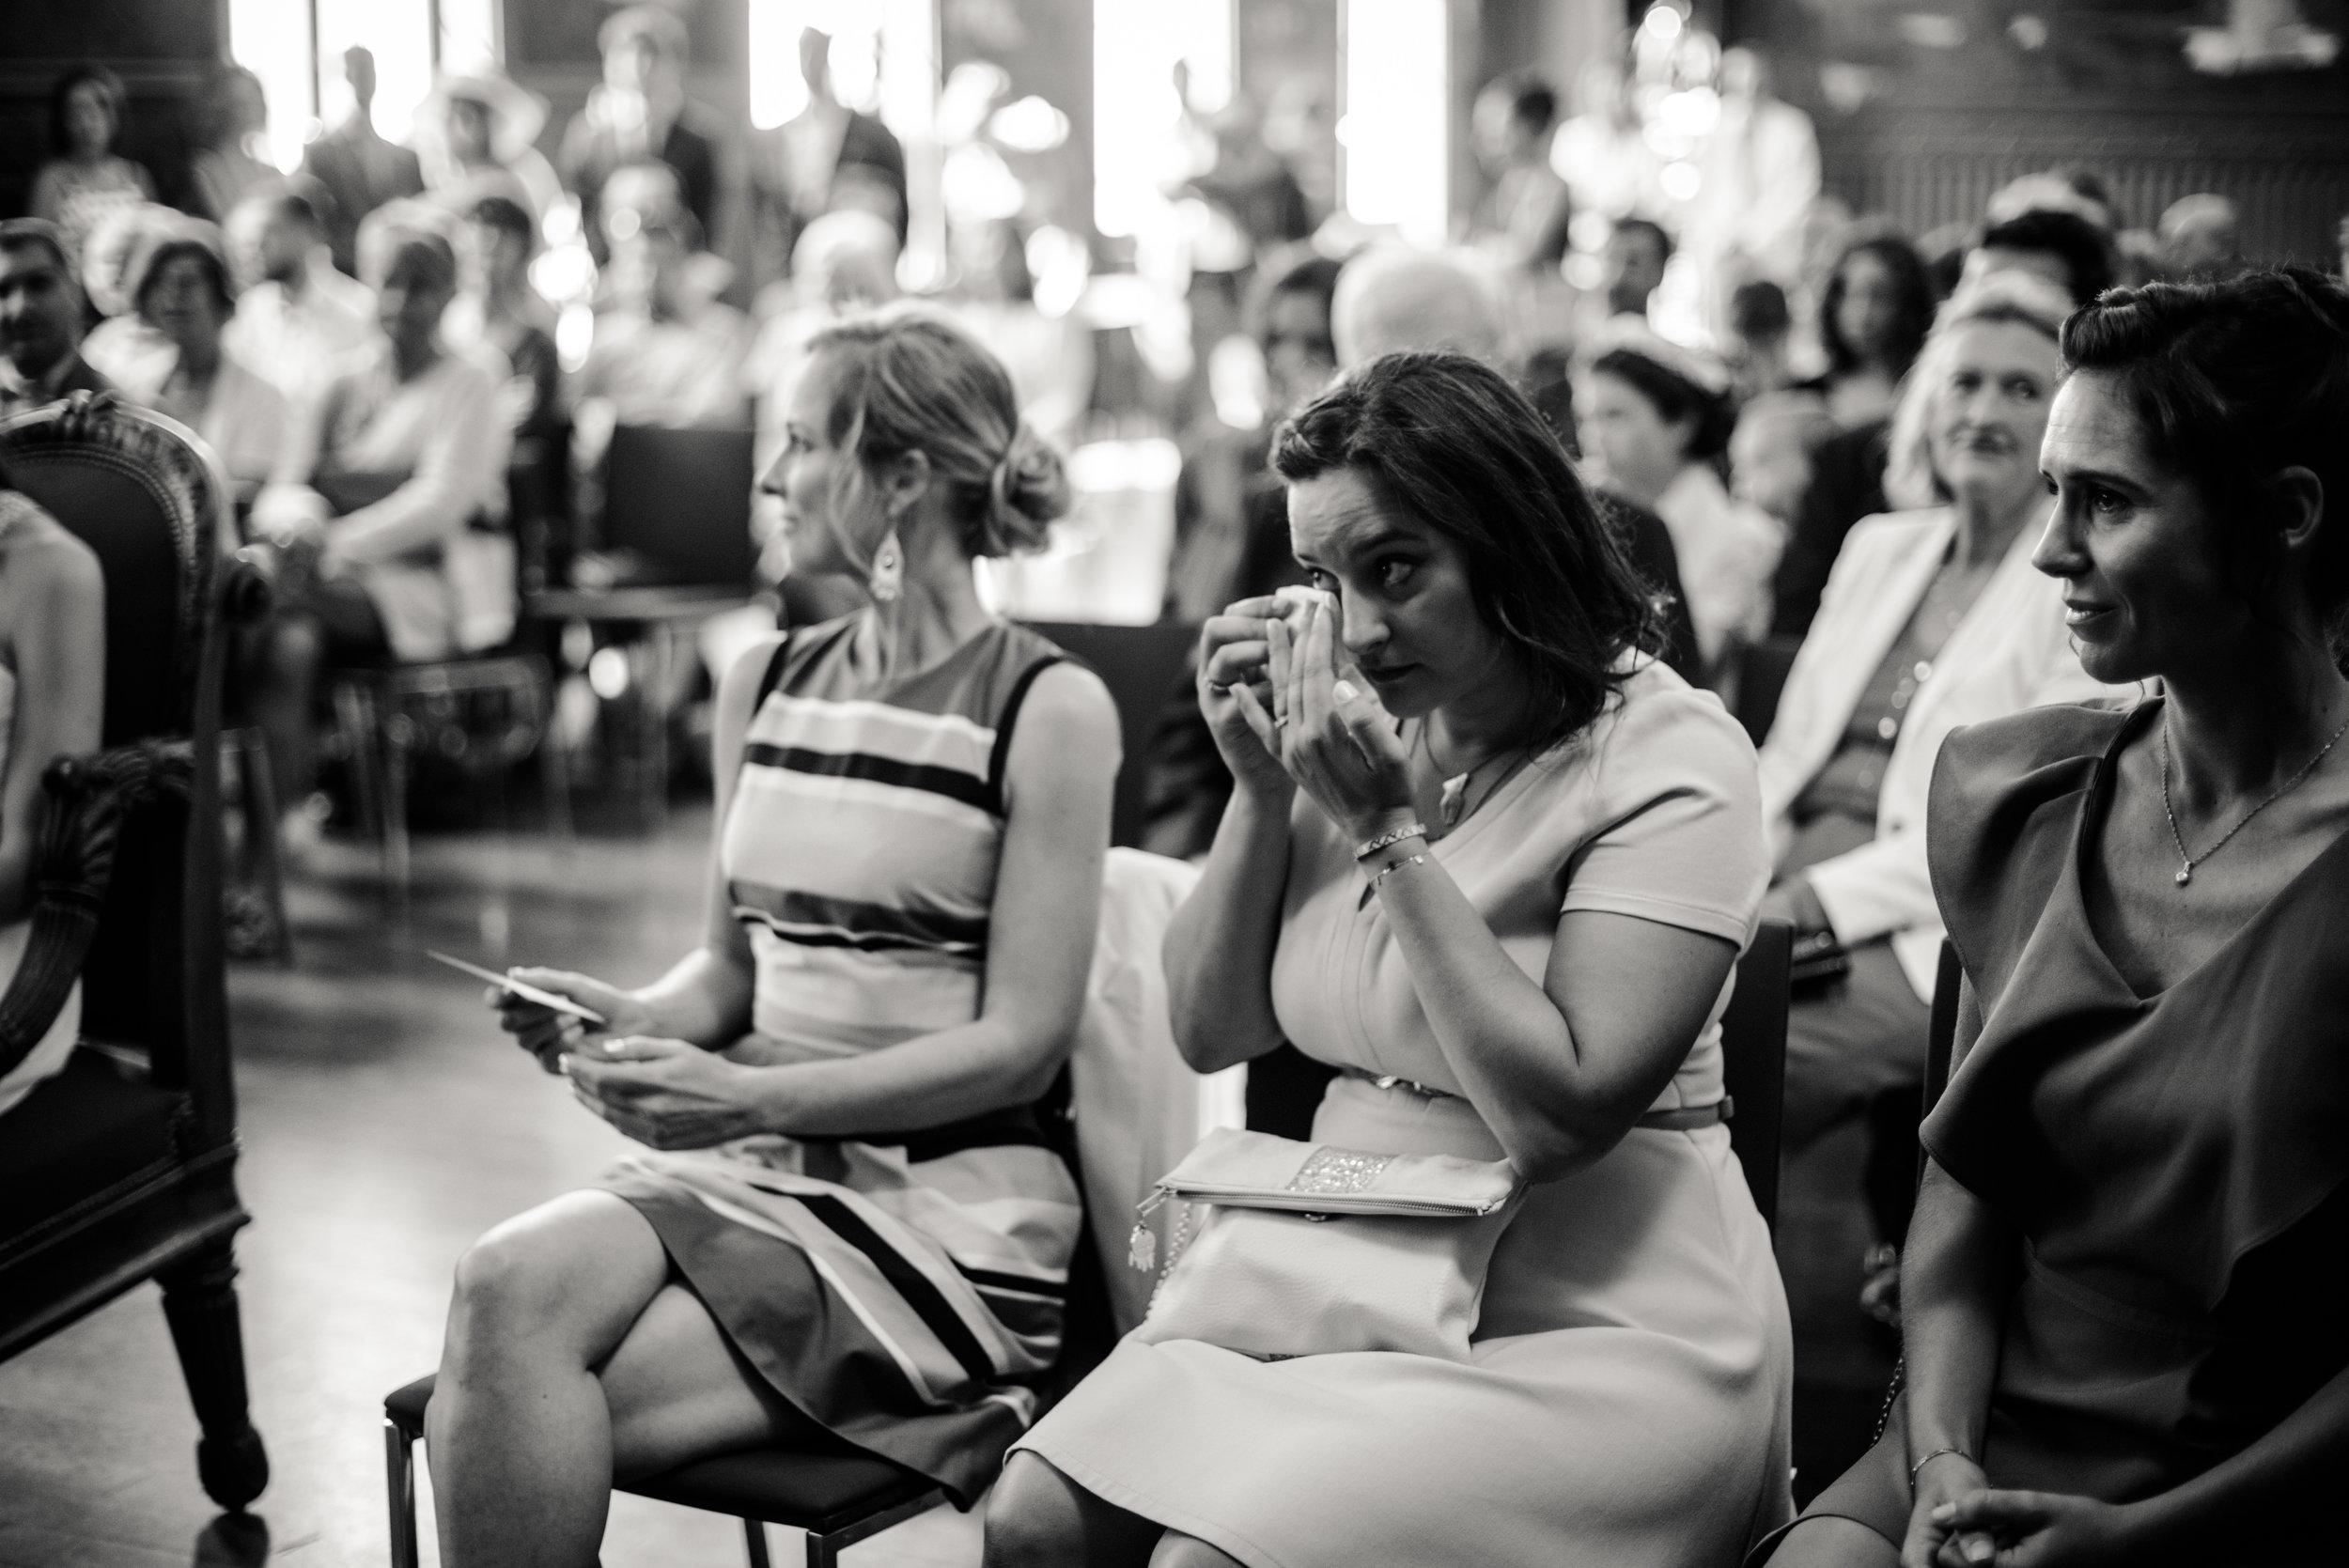 Léa-Fery-photographe-professionnel-lyon-rhone-alpes-portrait-creation-mariage-evenement-evenementiel-famille-8027.jpg